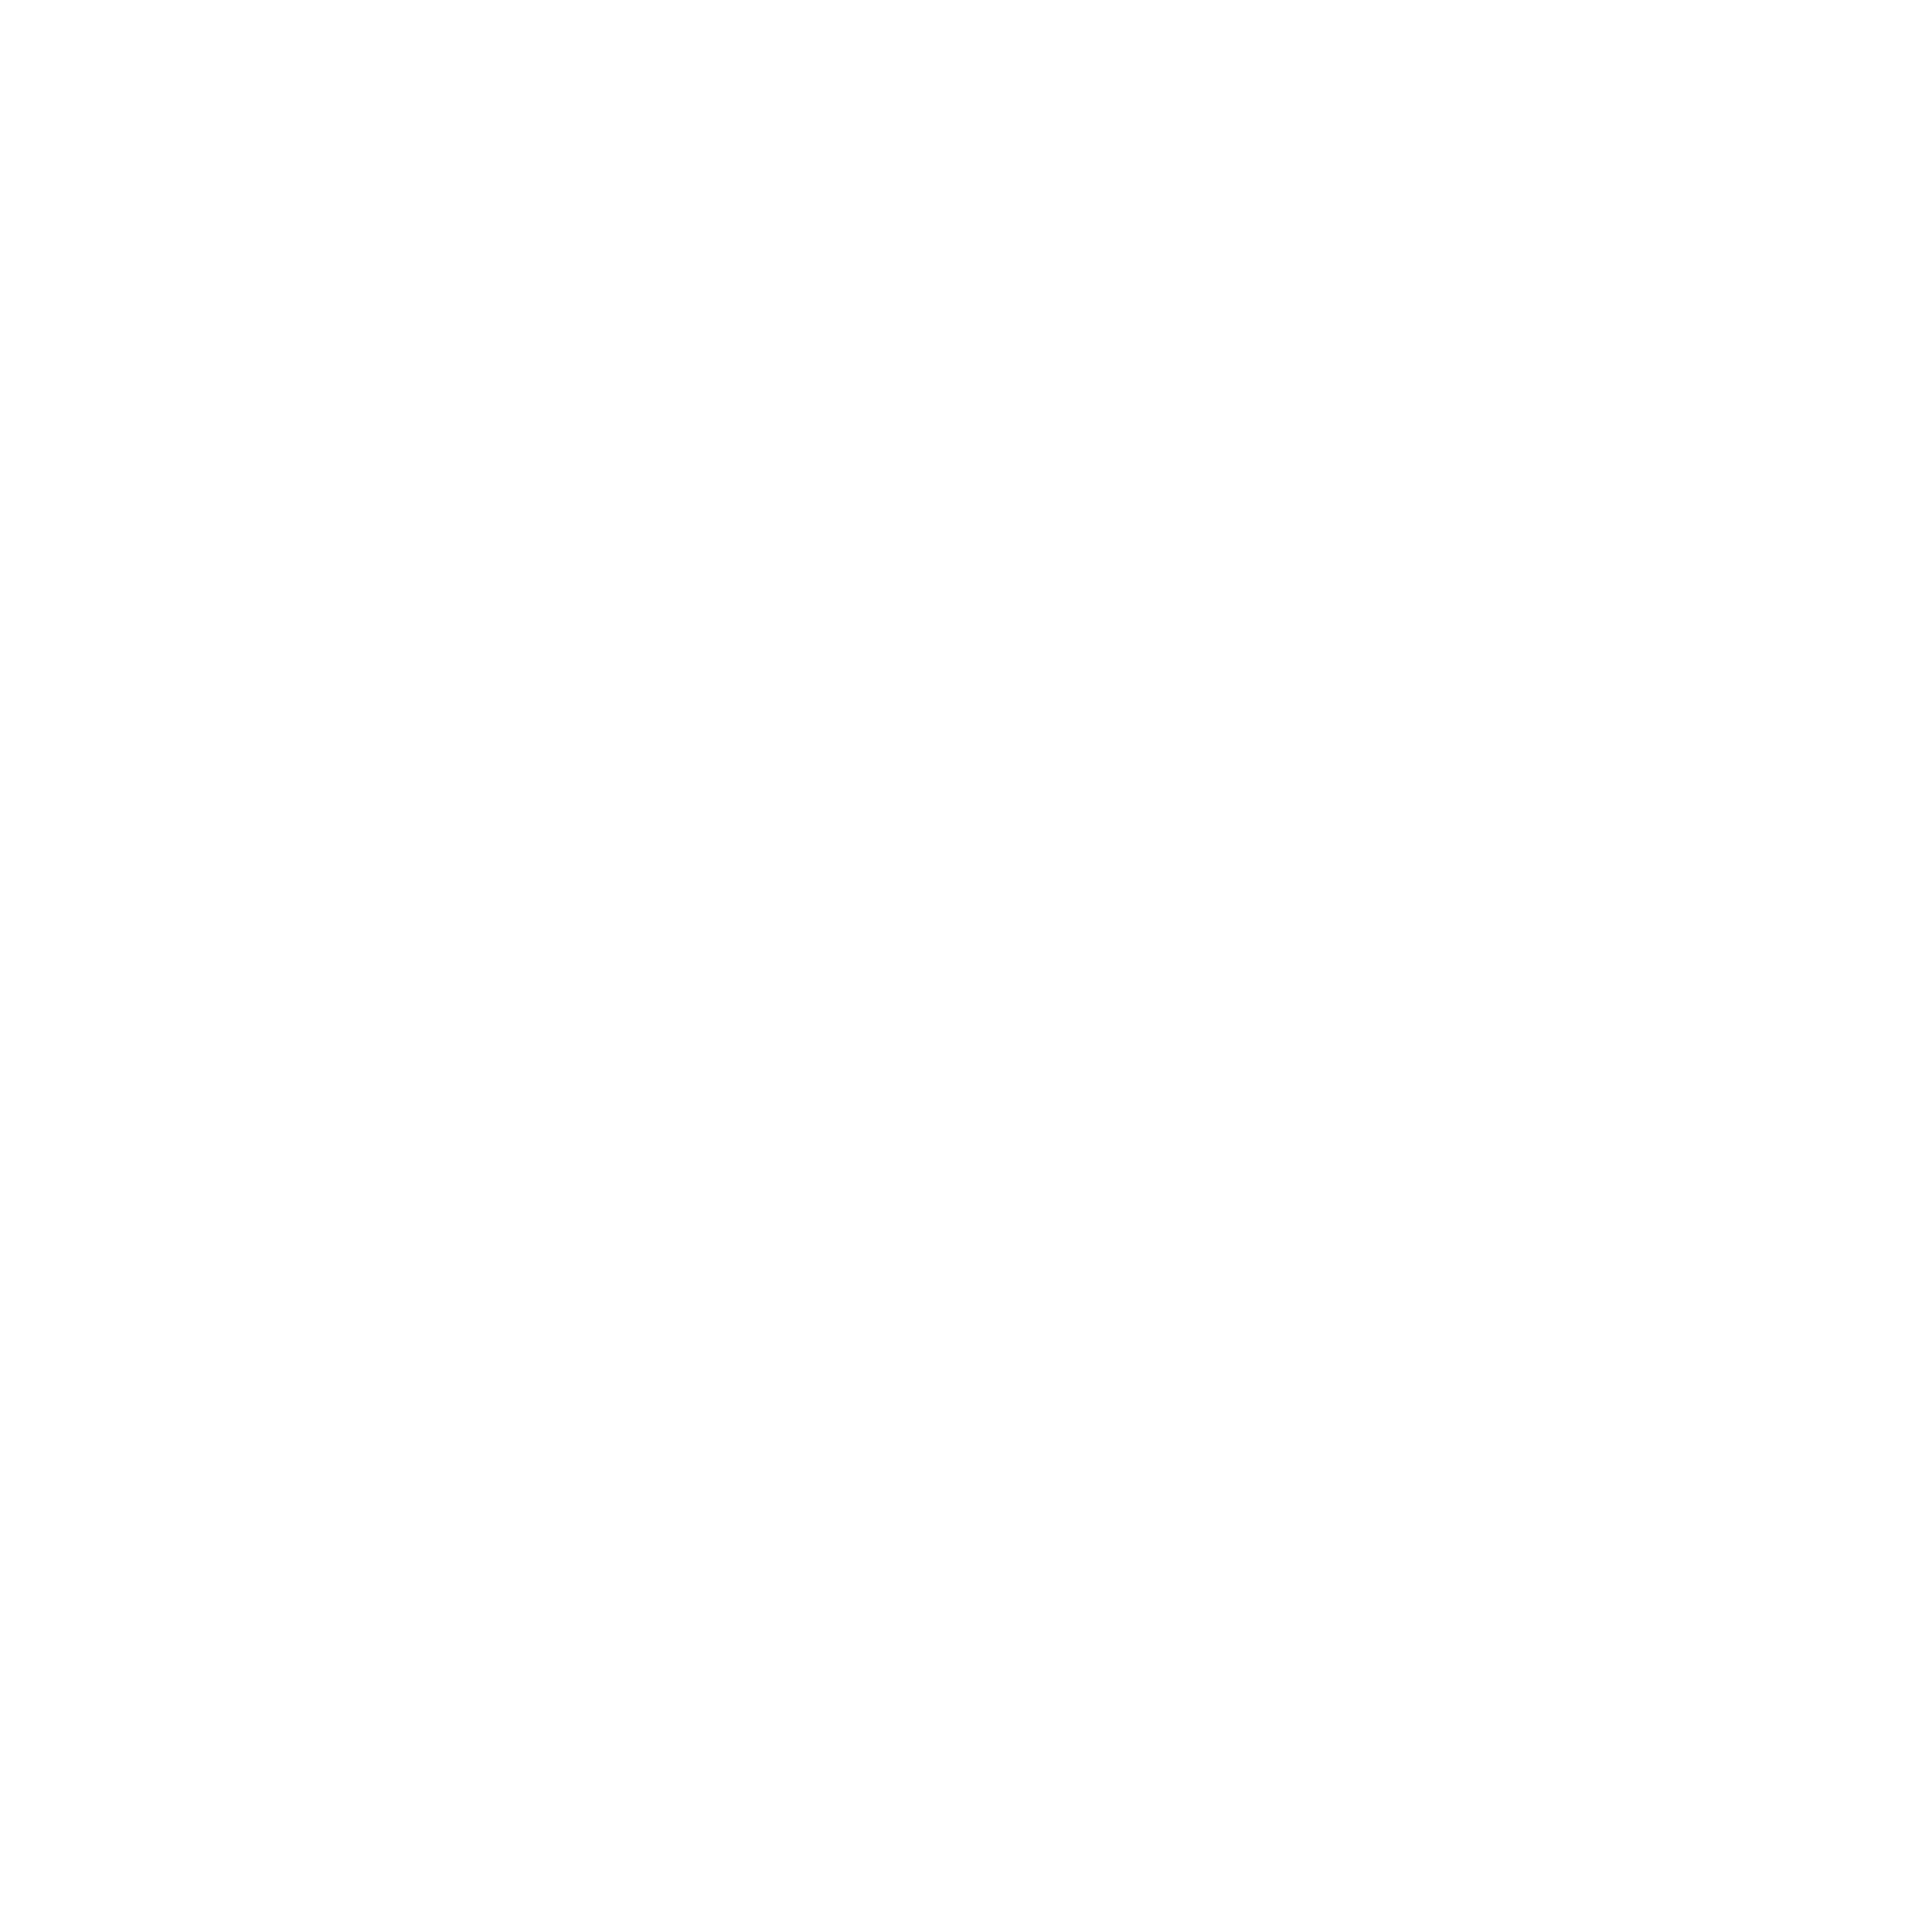 AOTEAROA SURF